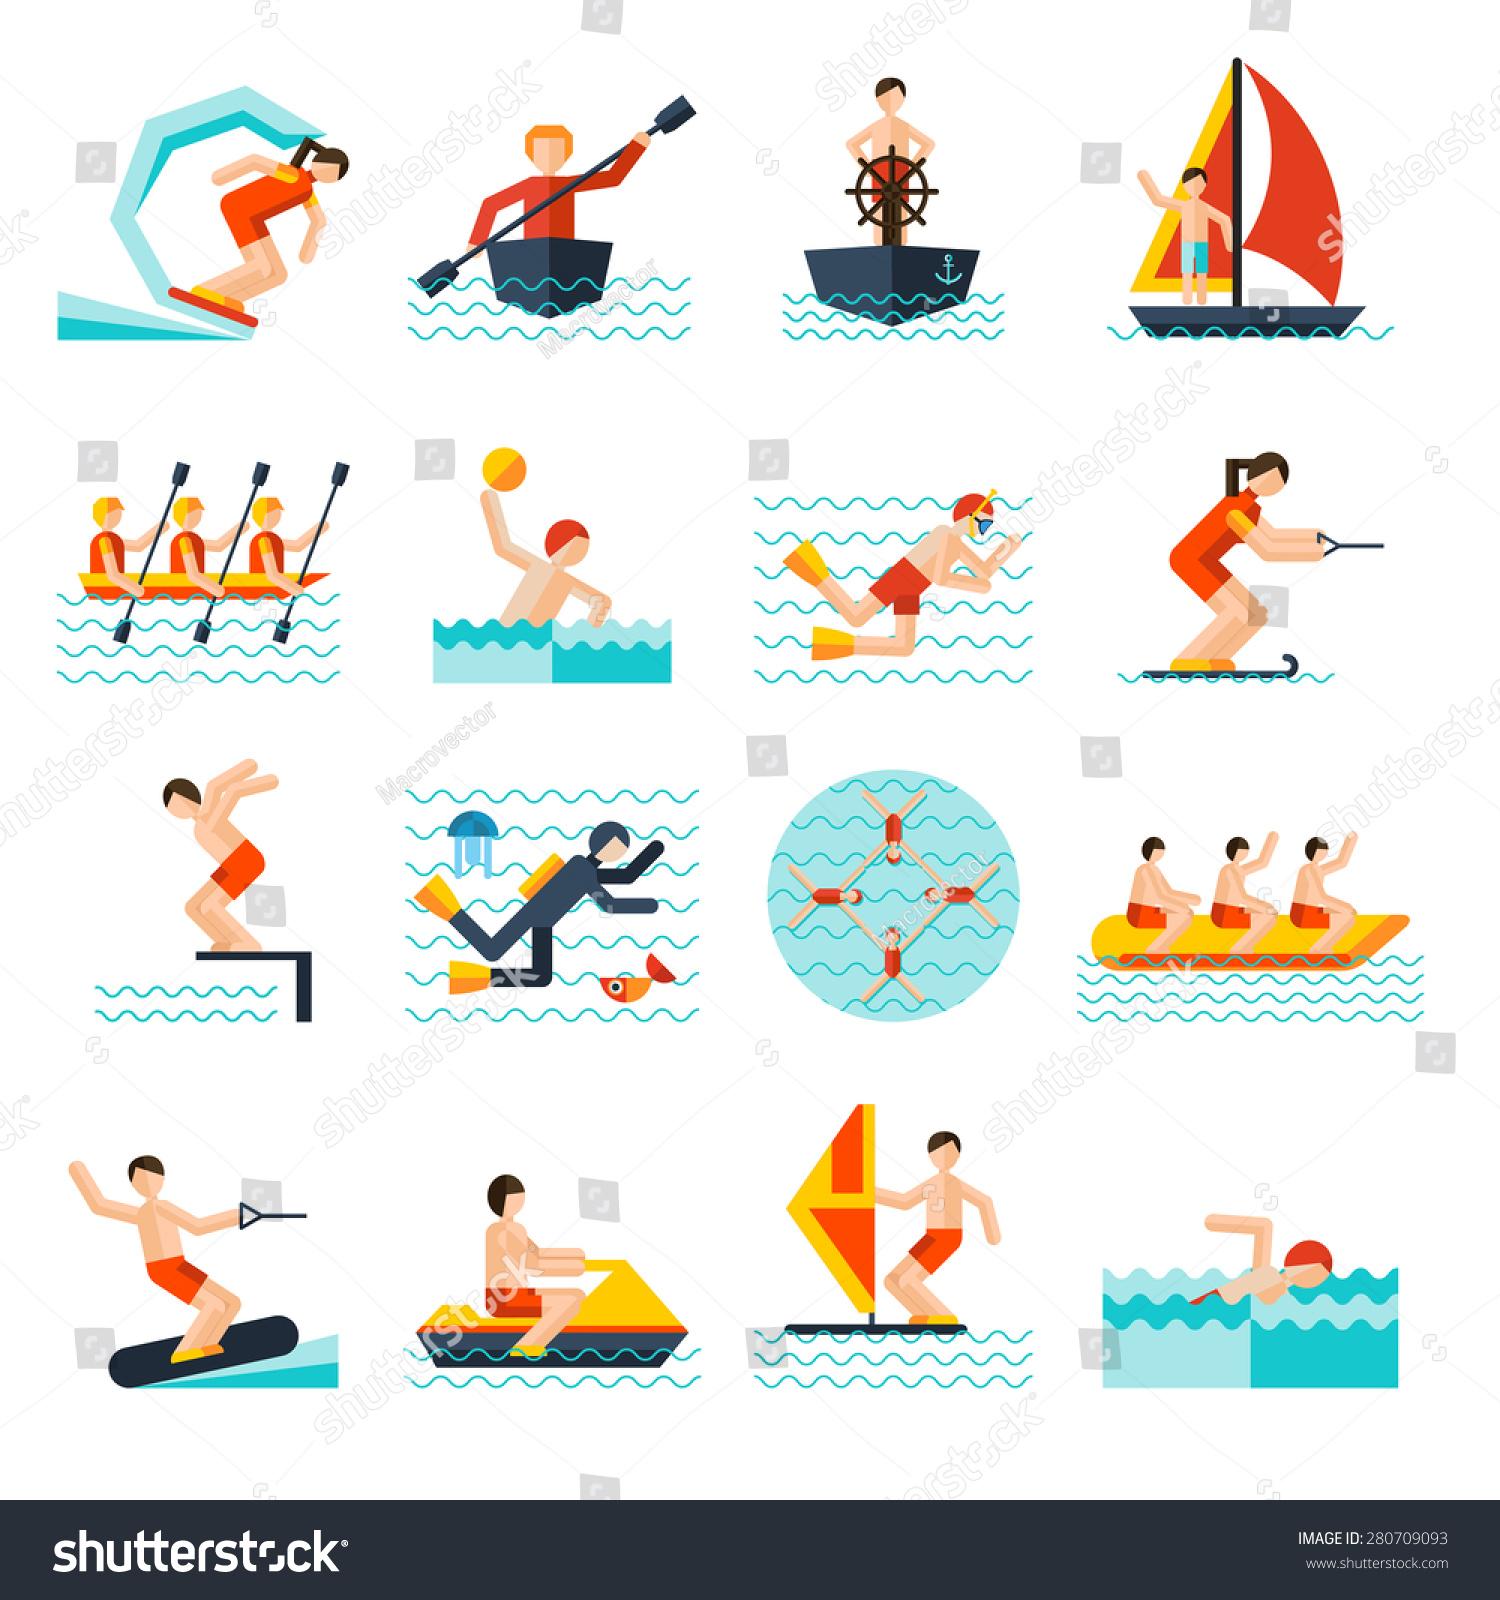 水上运动平面图标集风筝独木舟航行孤立的矢量图